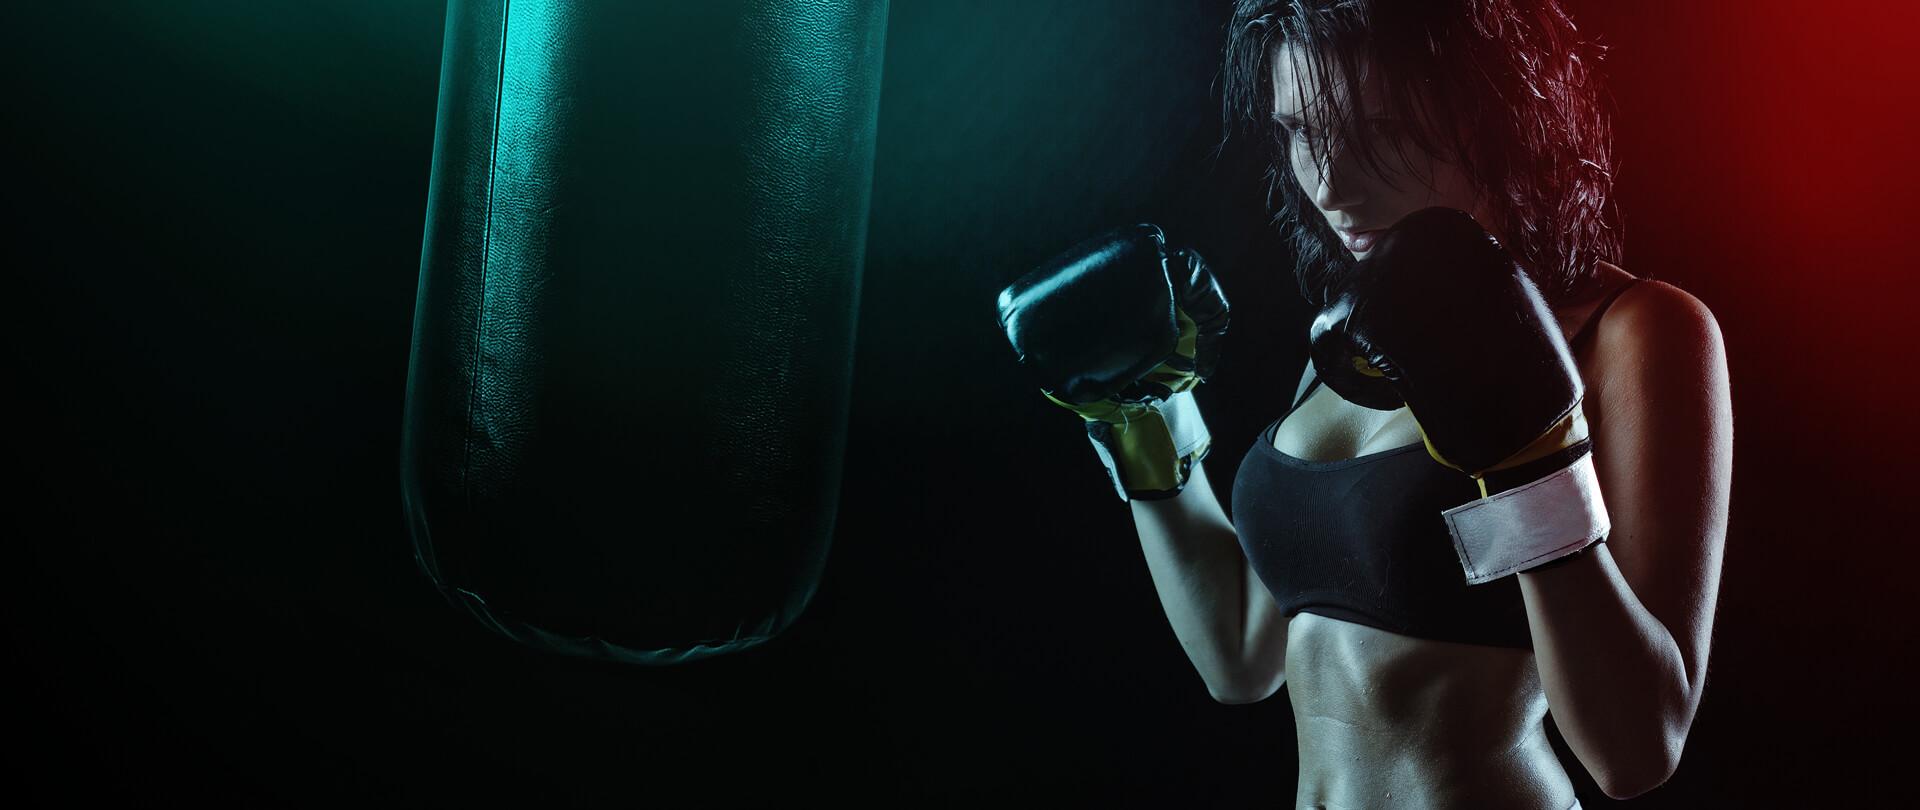 Női boxedzés